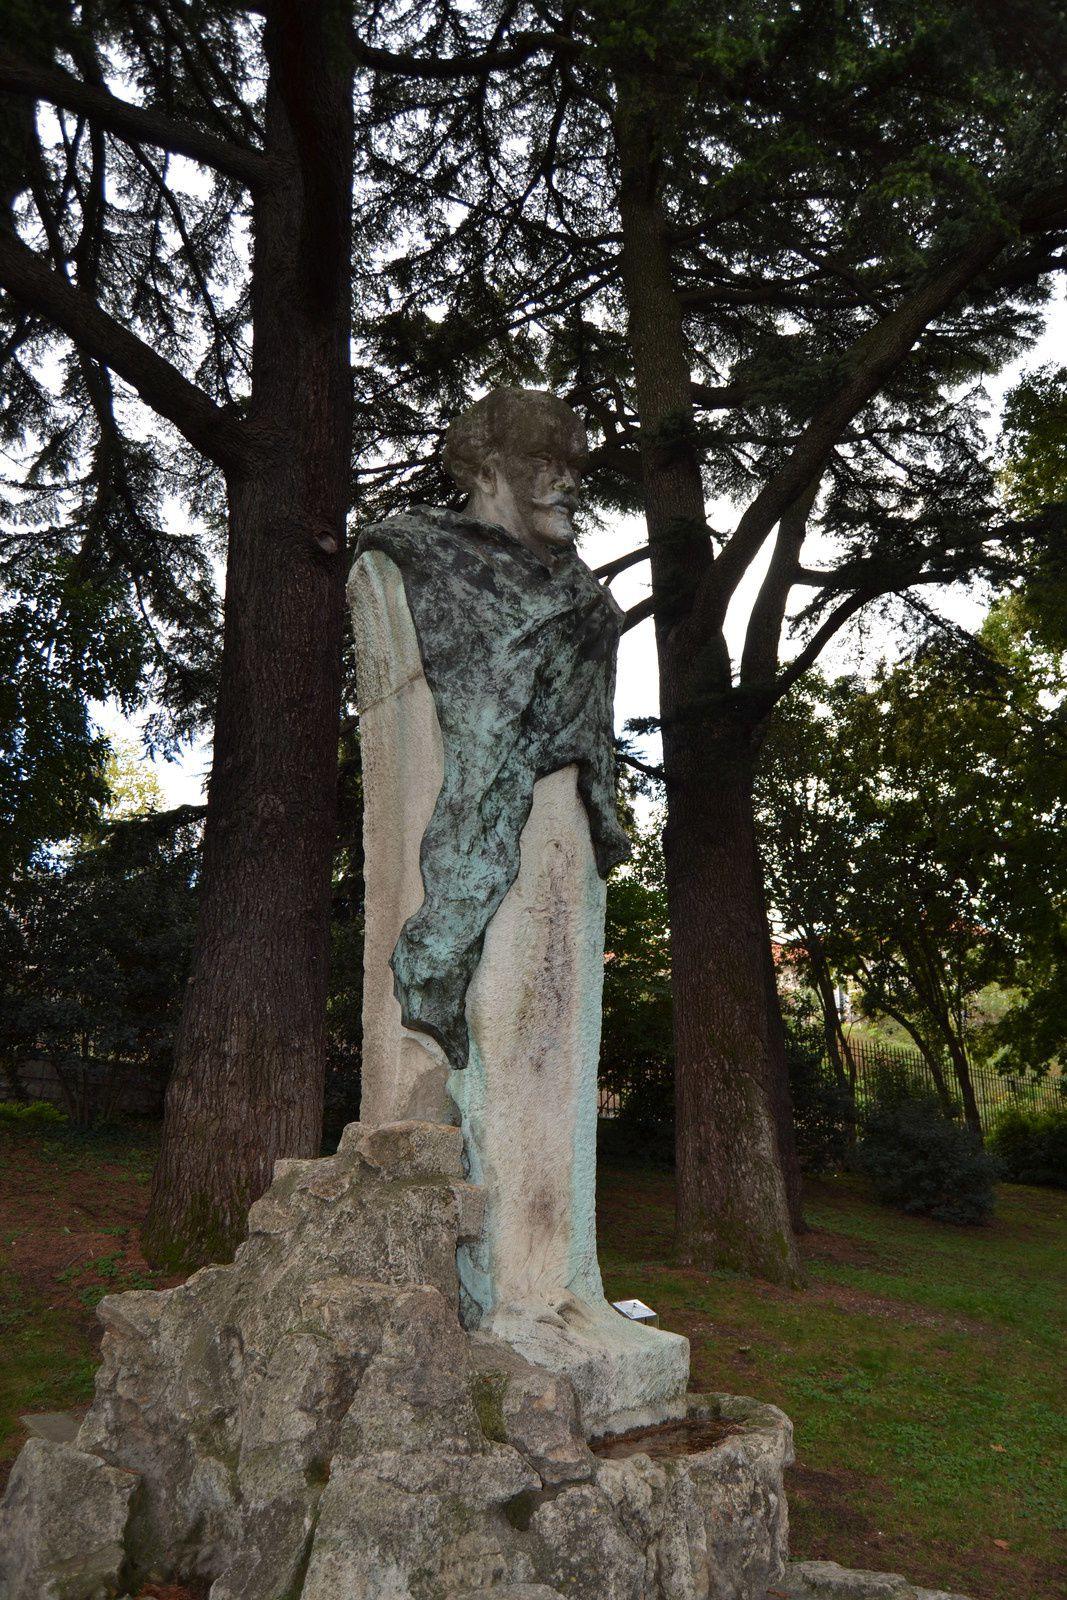 ...elle ne ressemble plus à rien cette statue, un manque de respect pour la personne représentée...c'est mon opinion!